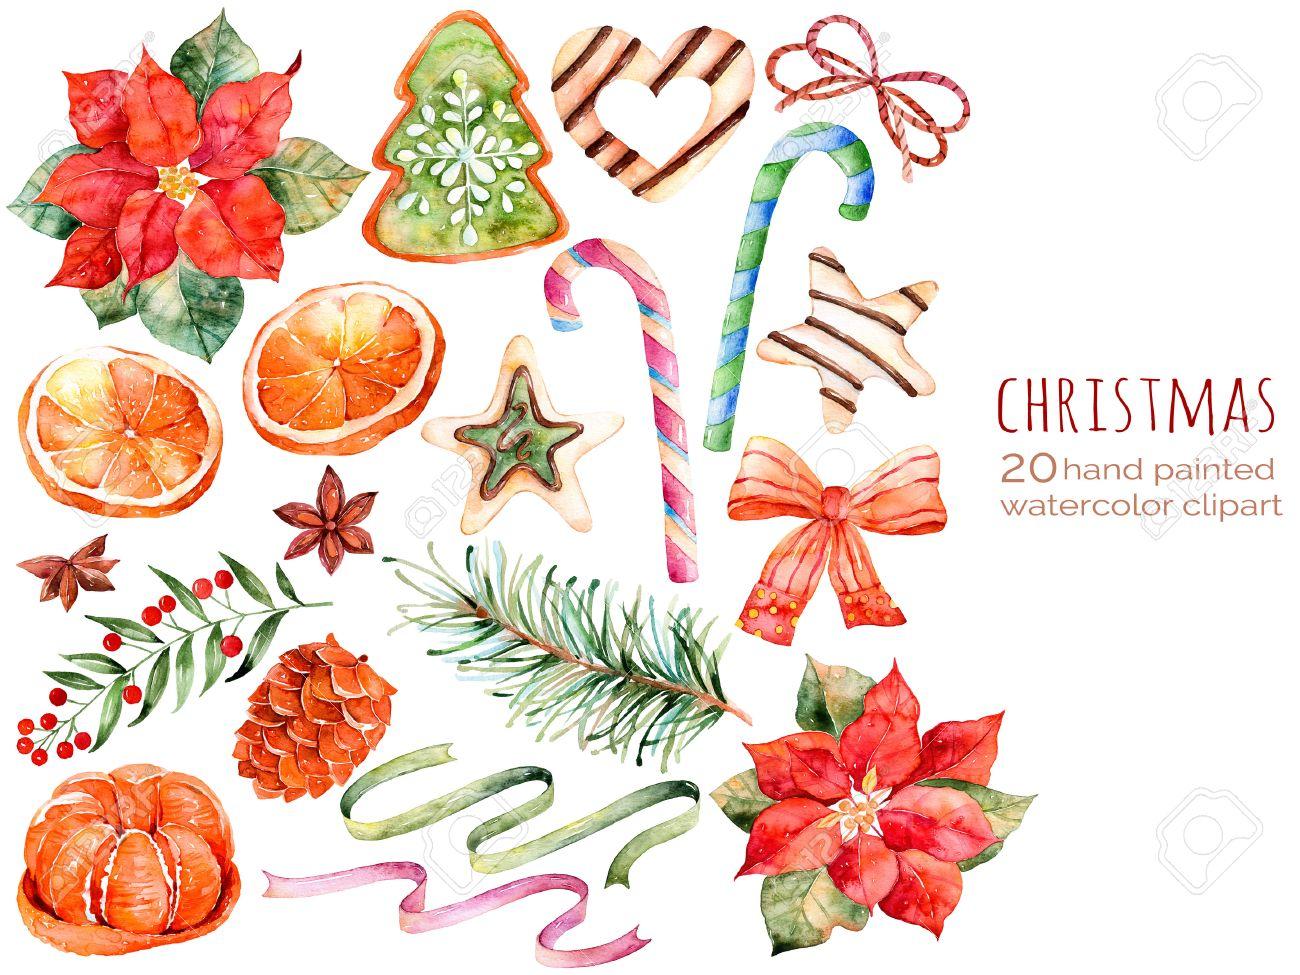 Biglietti Di Natale Modelli.Collezione Natale Dolci Poinsettia Anice Arancio Pigna Nastri Natale Cakes You Puo Creare Modelli Propri Biglietti Di Auguri Inviti Del